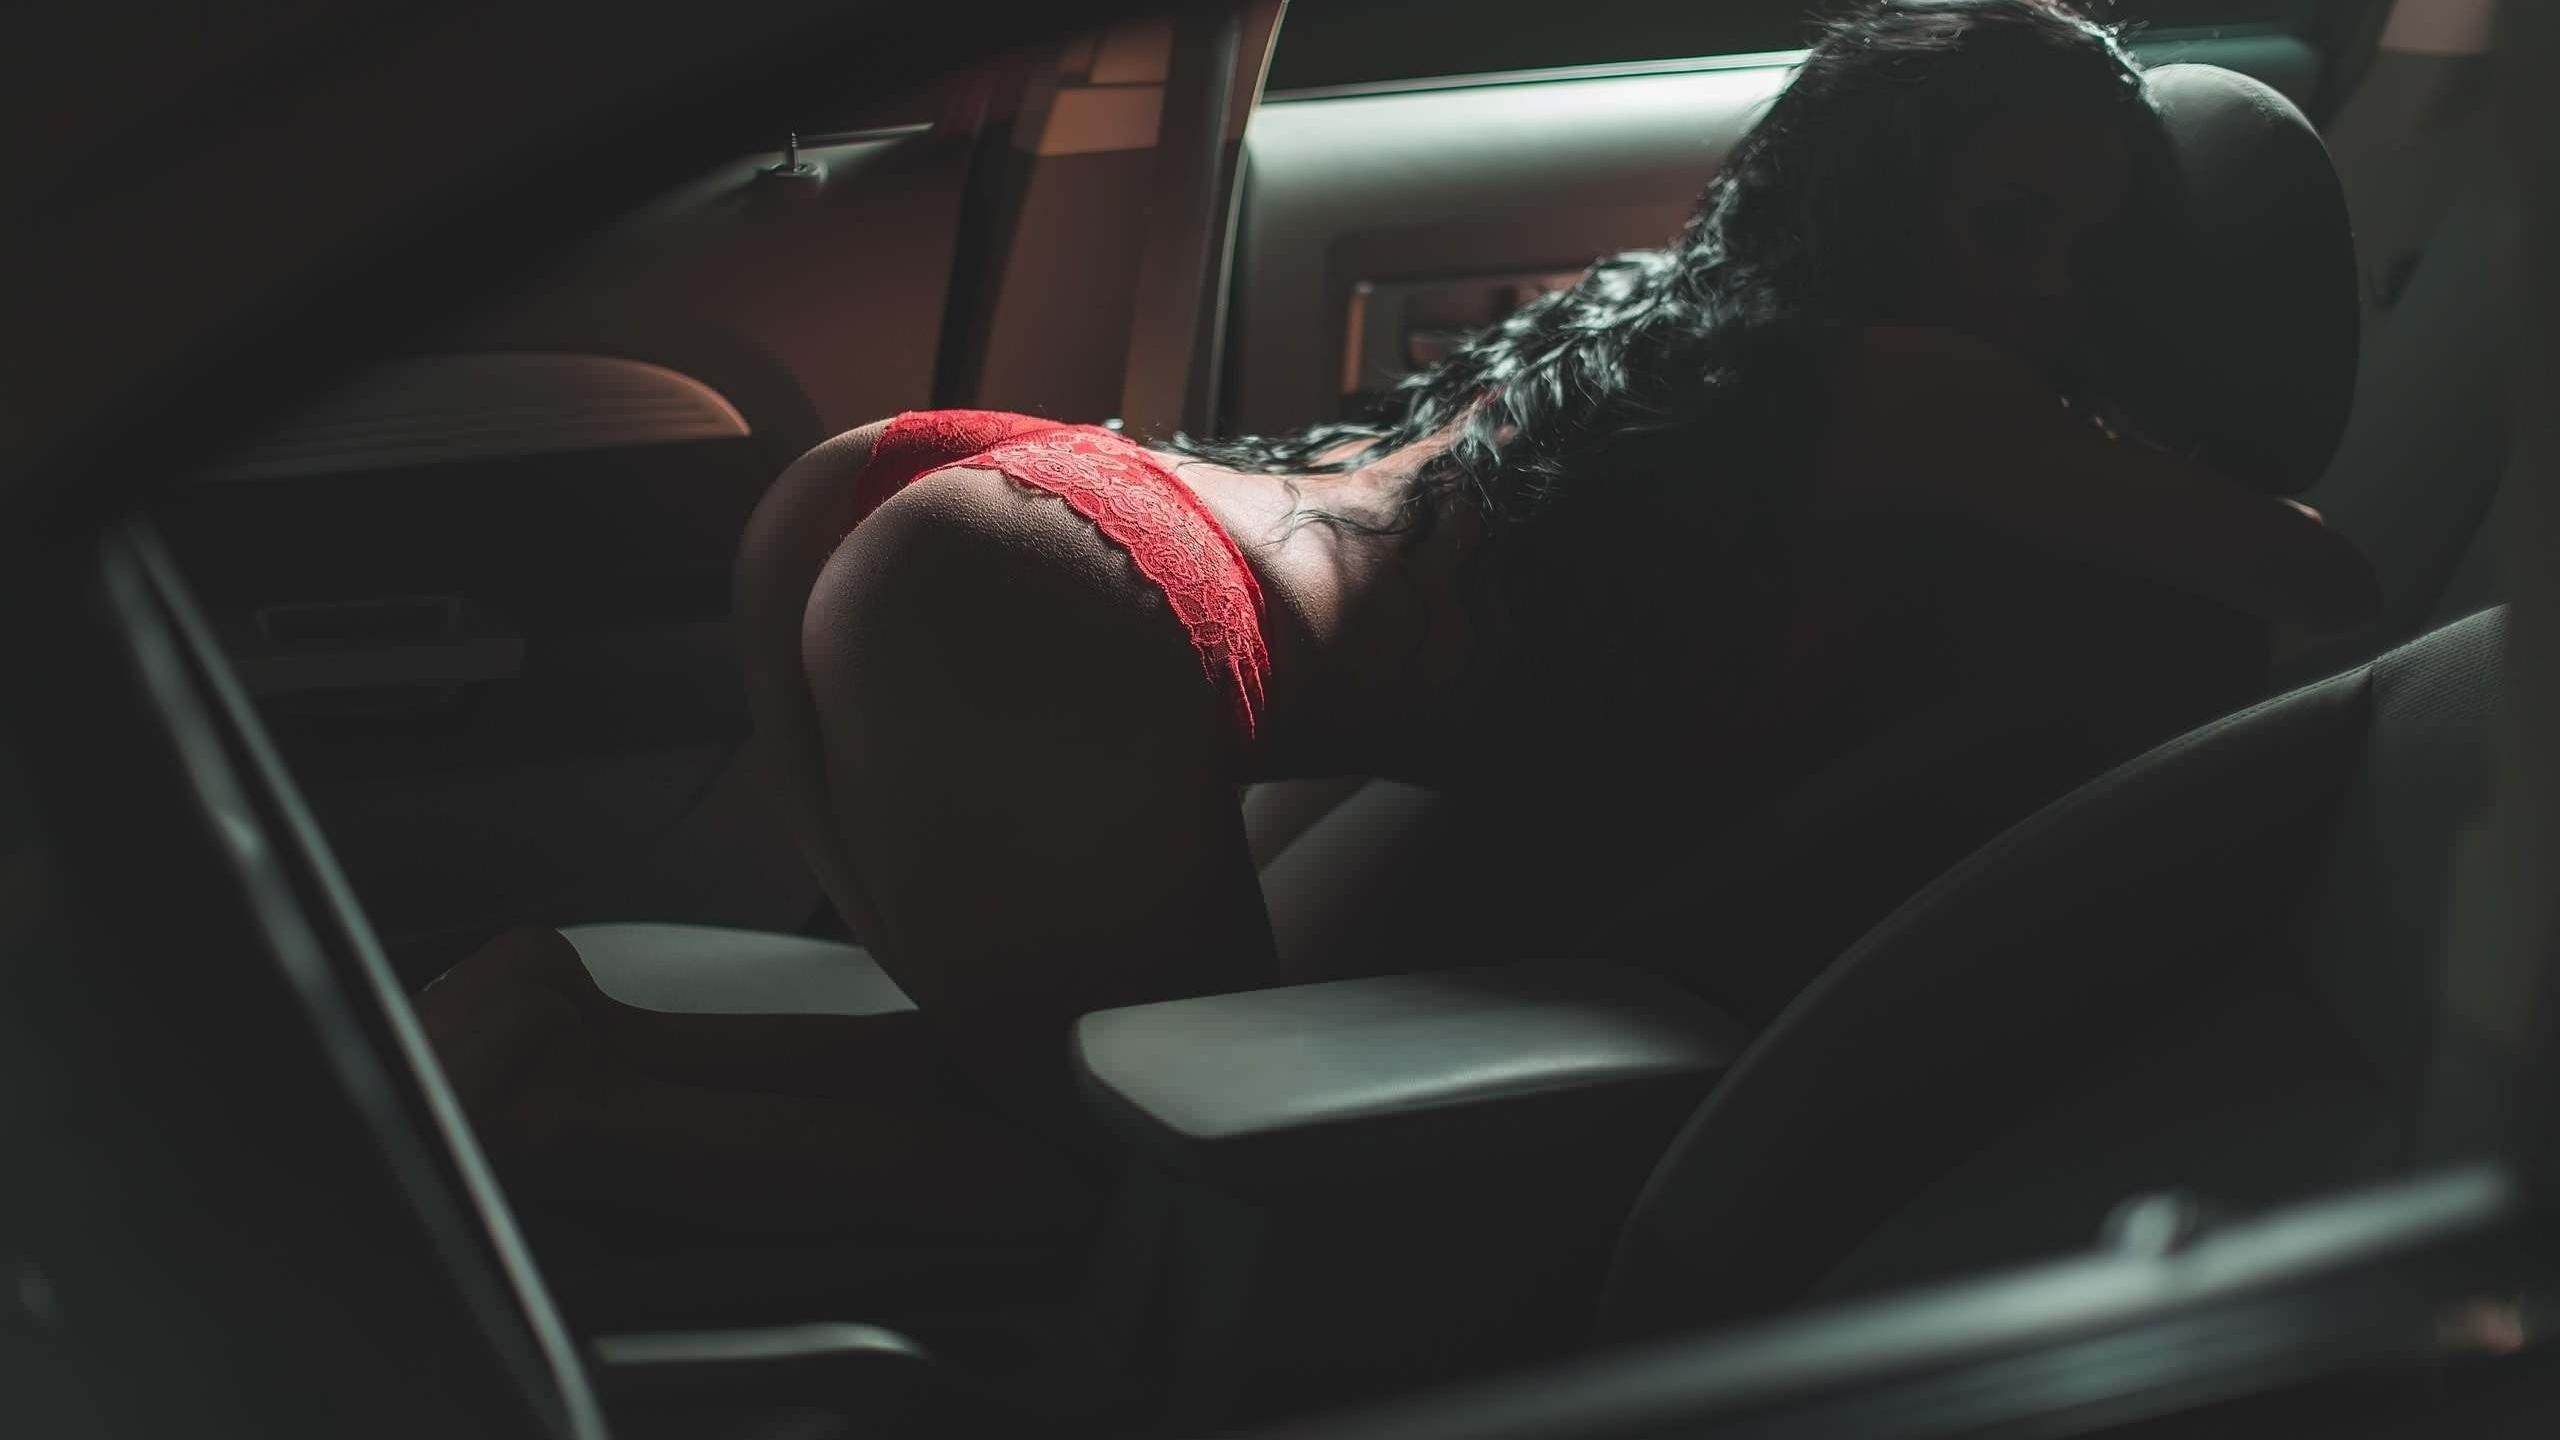 залазила в машину и соблазнила попкой